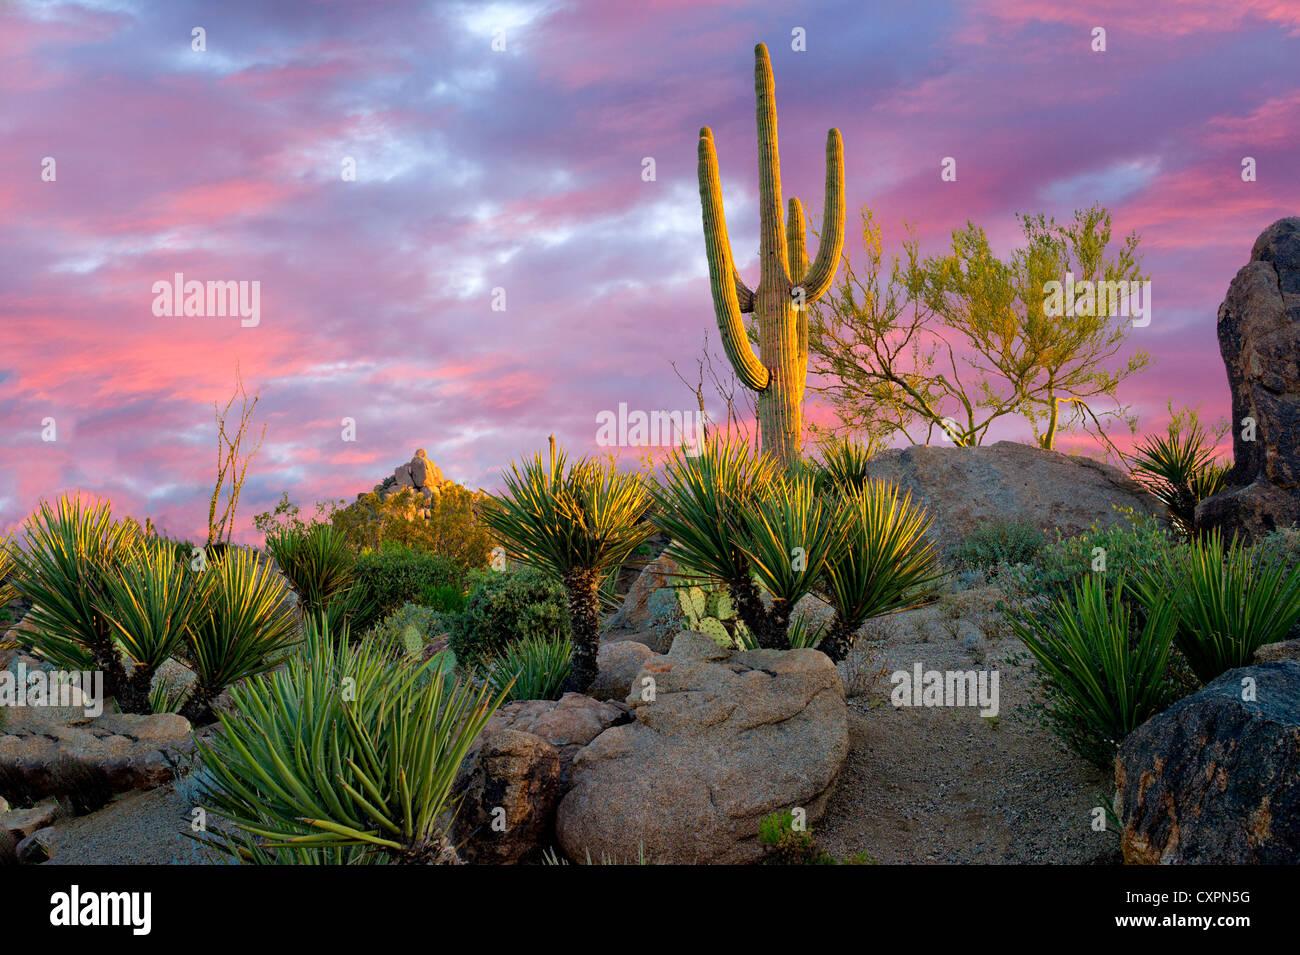 Jardín de Cactus con cacto saguaro al amanecer. Desierto de Sonora, Arizona Imagen De Stock